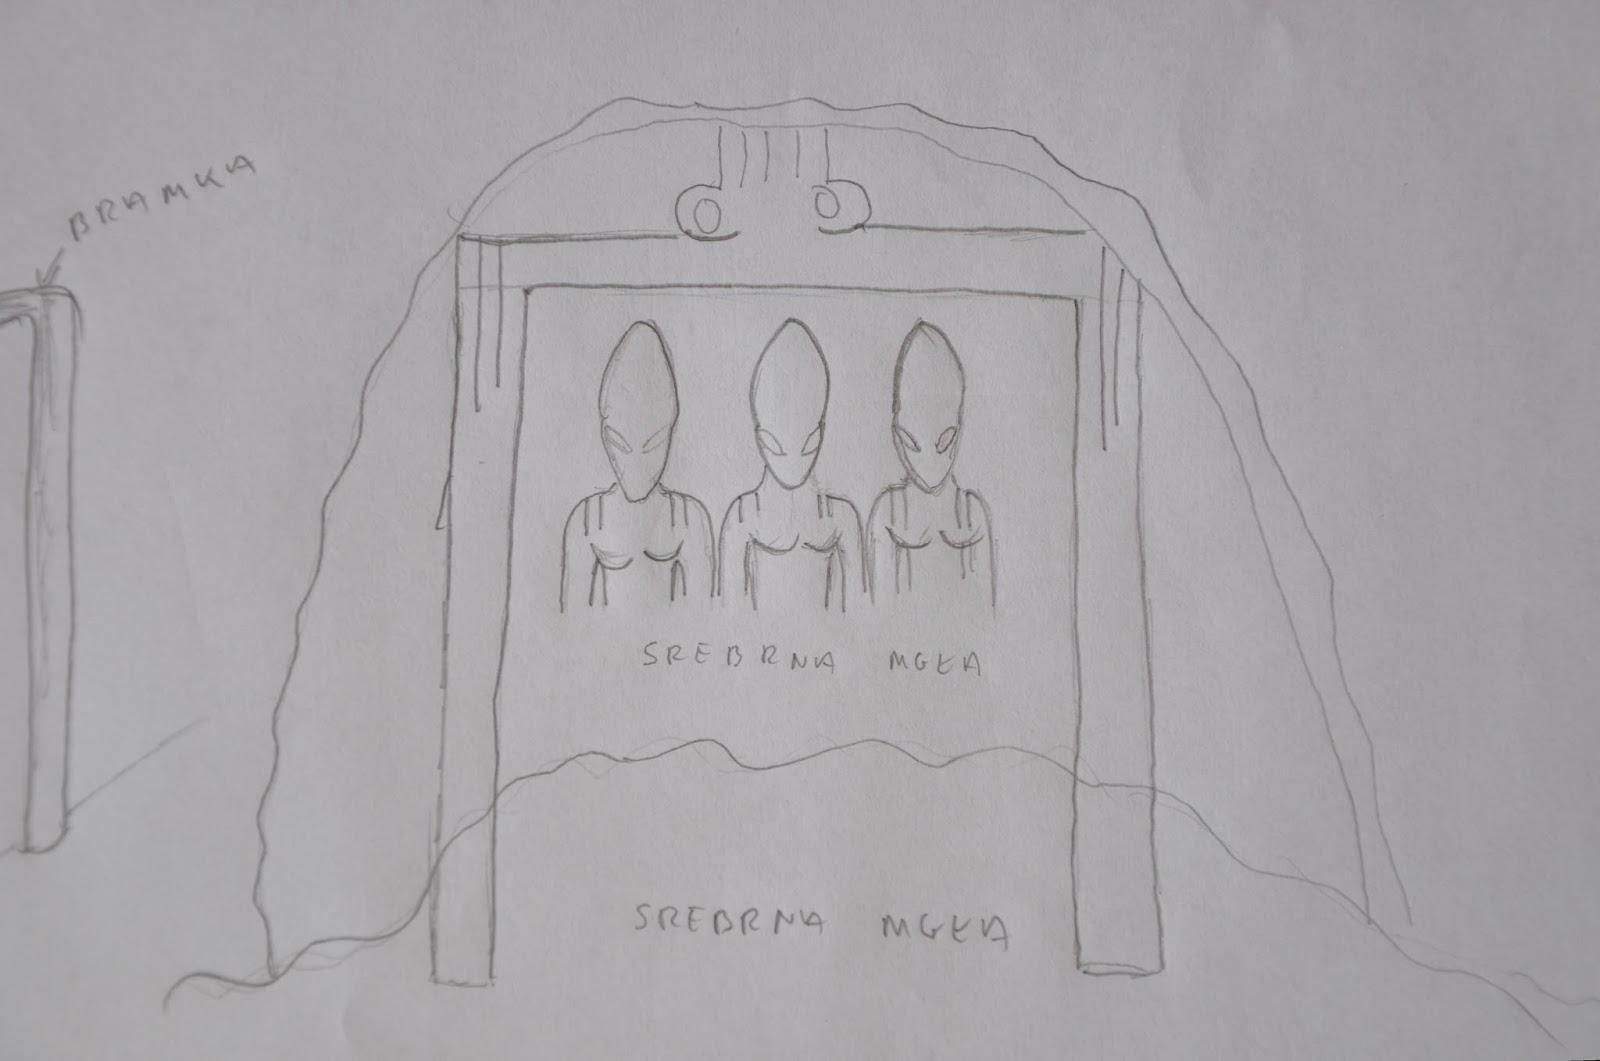 Seria dziwnych obserwacji istot w Solcu Kujawskim w latach 1990-tych